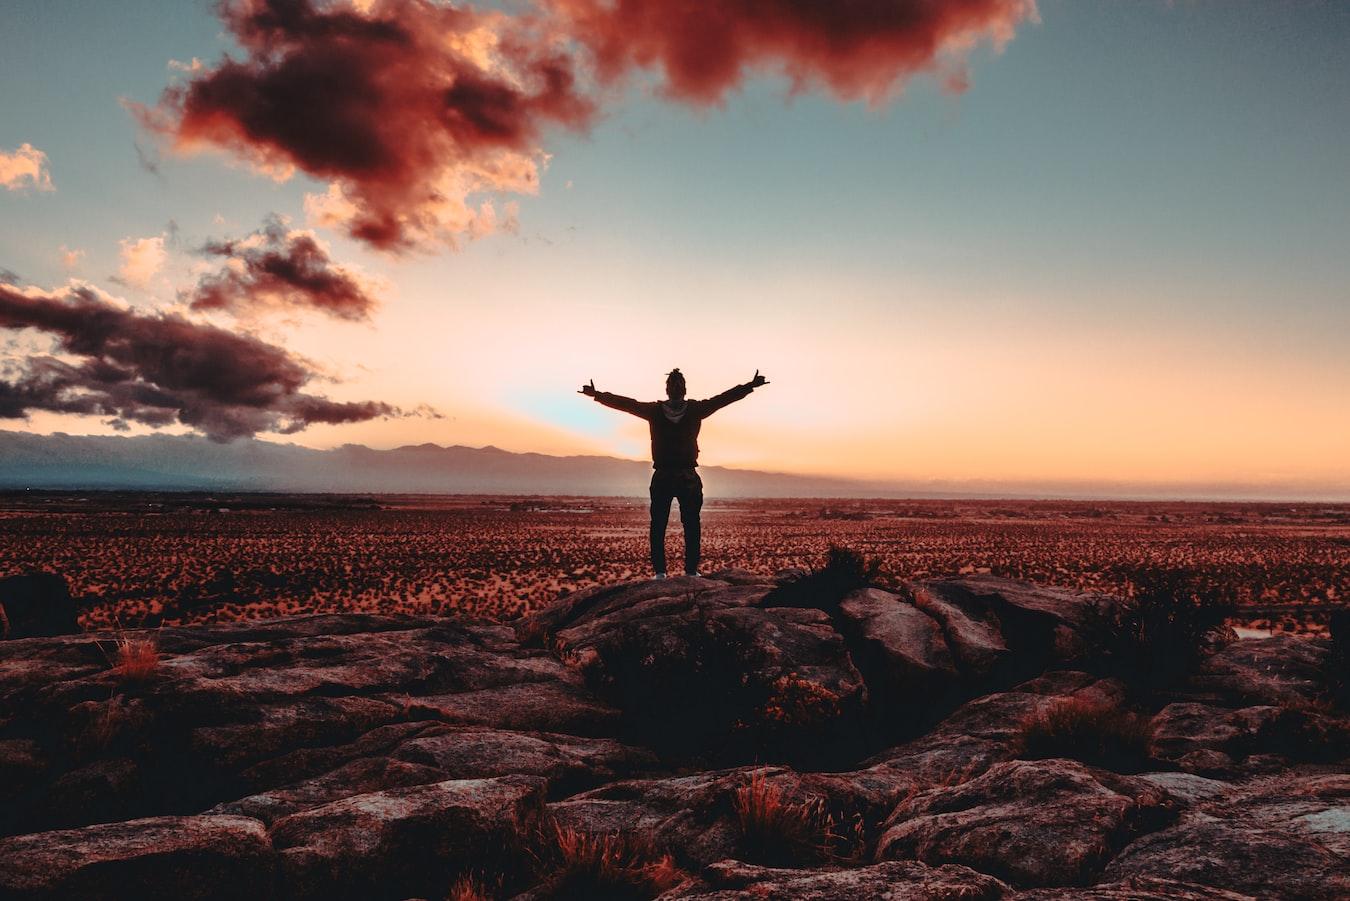 「世界毀滅前,用力愛我」之四:愛生哲學 - 王浩威 精神科醫師|失落戀花園